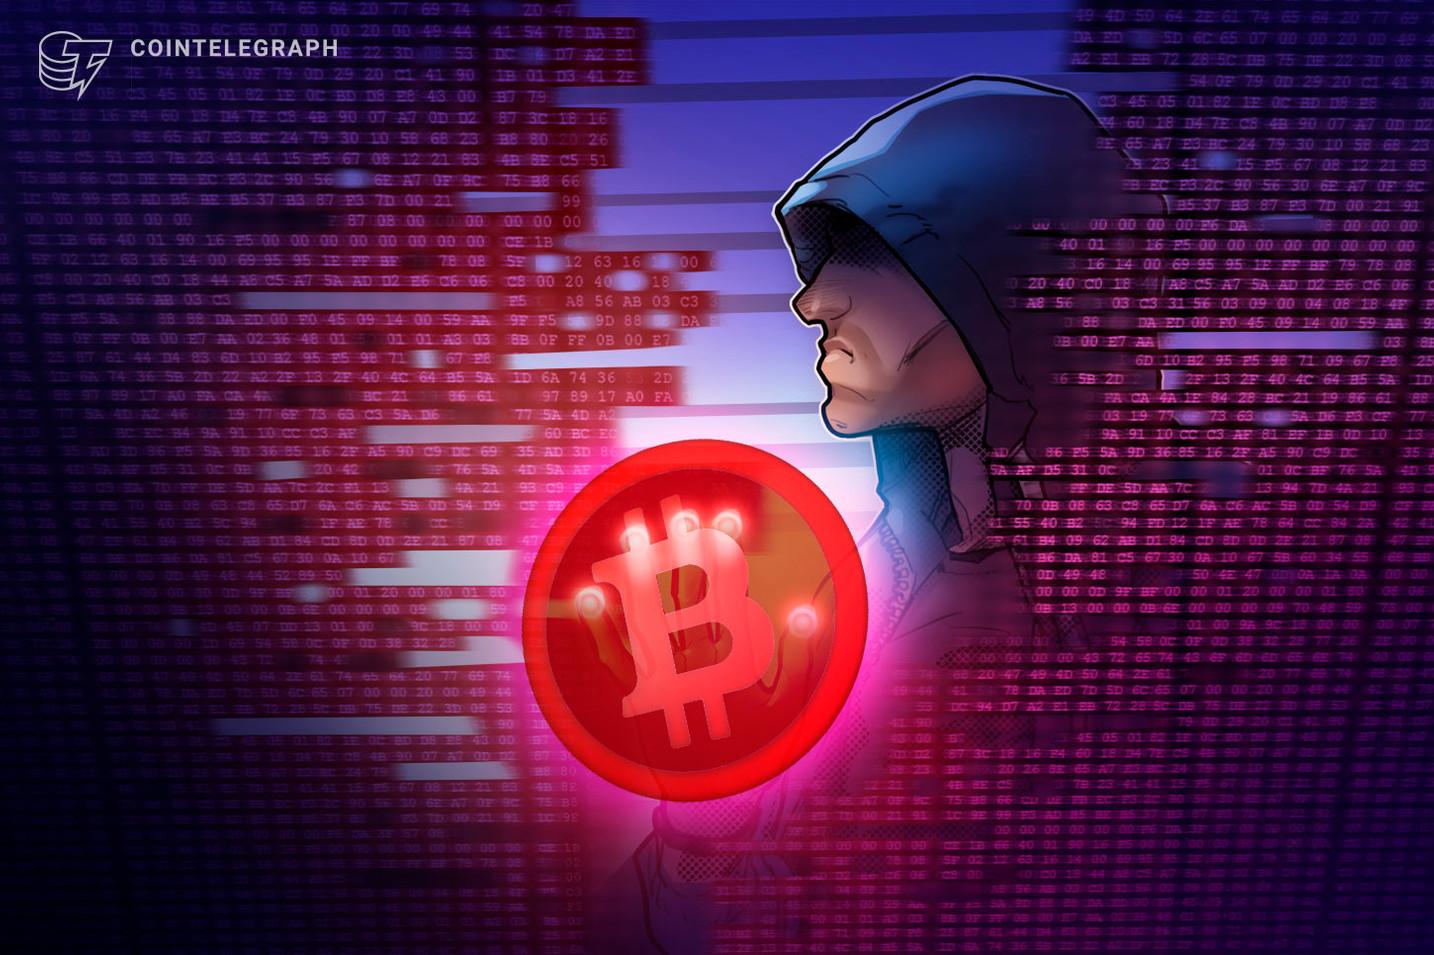 Dos ladrones enmascarados son captados por las cámaras en robo de cajero automático de Bitcoin en EE. UU.